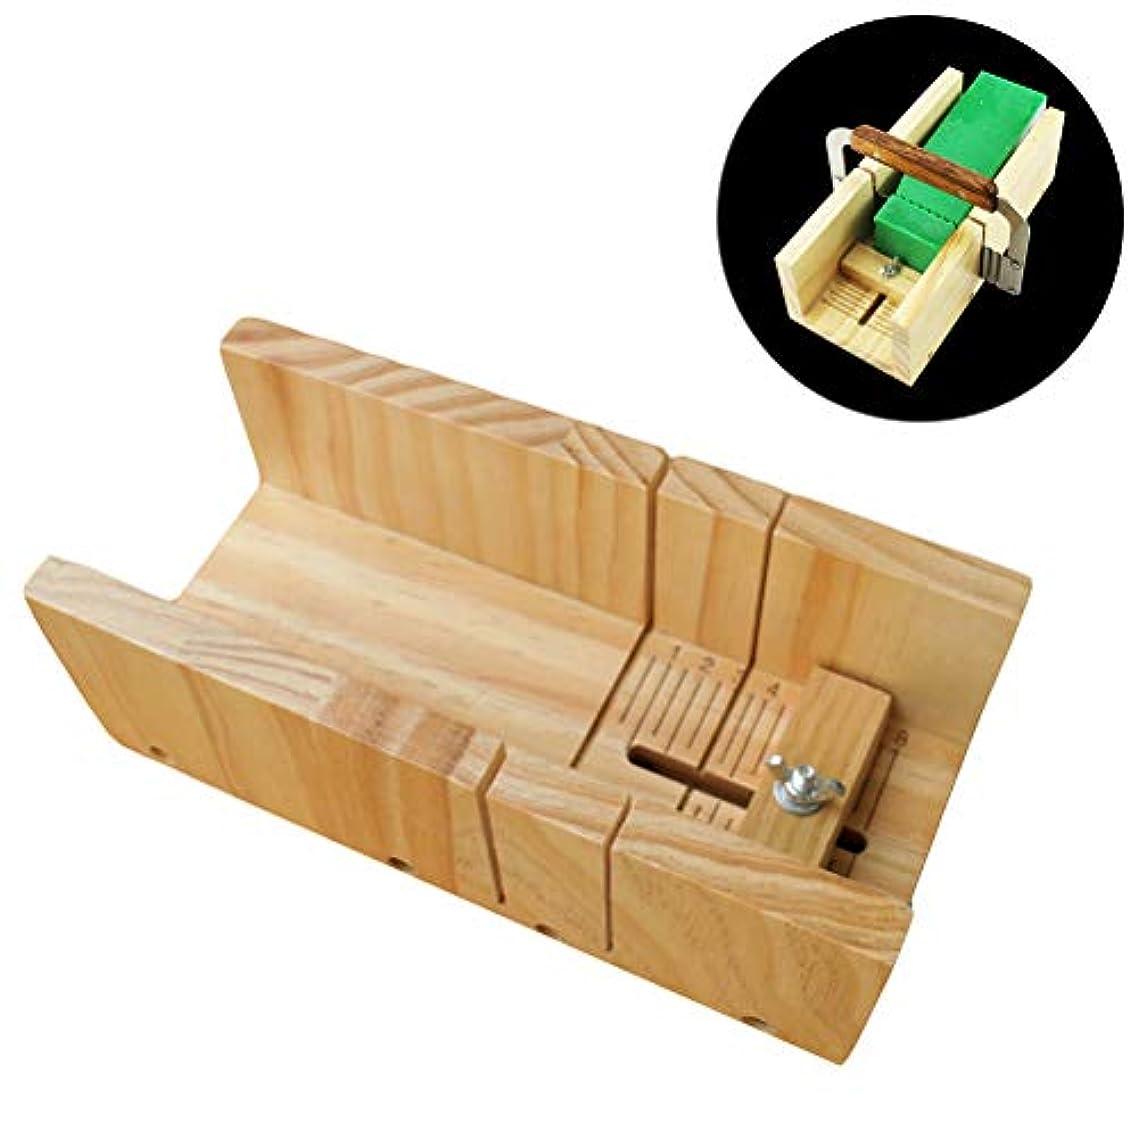 人工大きさわざわざHealifty 木製石鹸カッターモールド石鹸ロープモールド調節可能なカッターモールドボックス石鹸ツールを作る